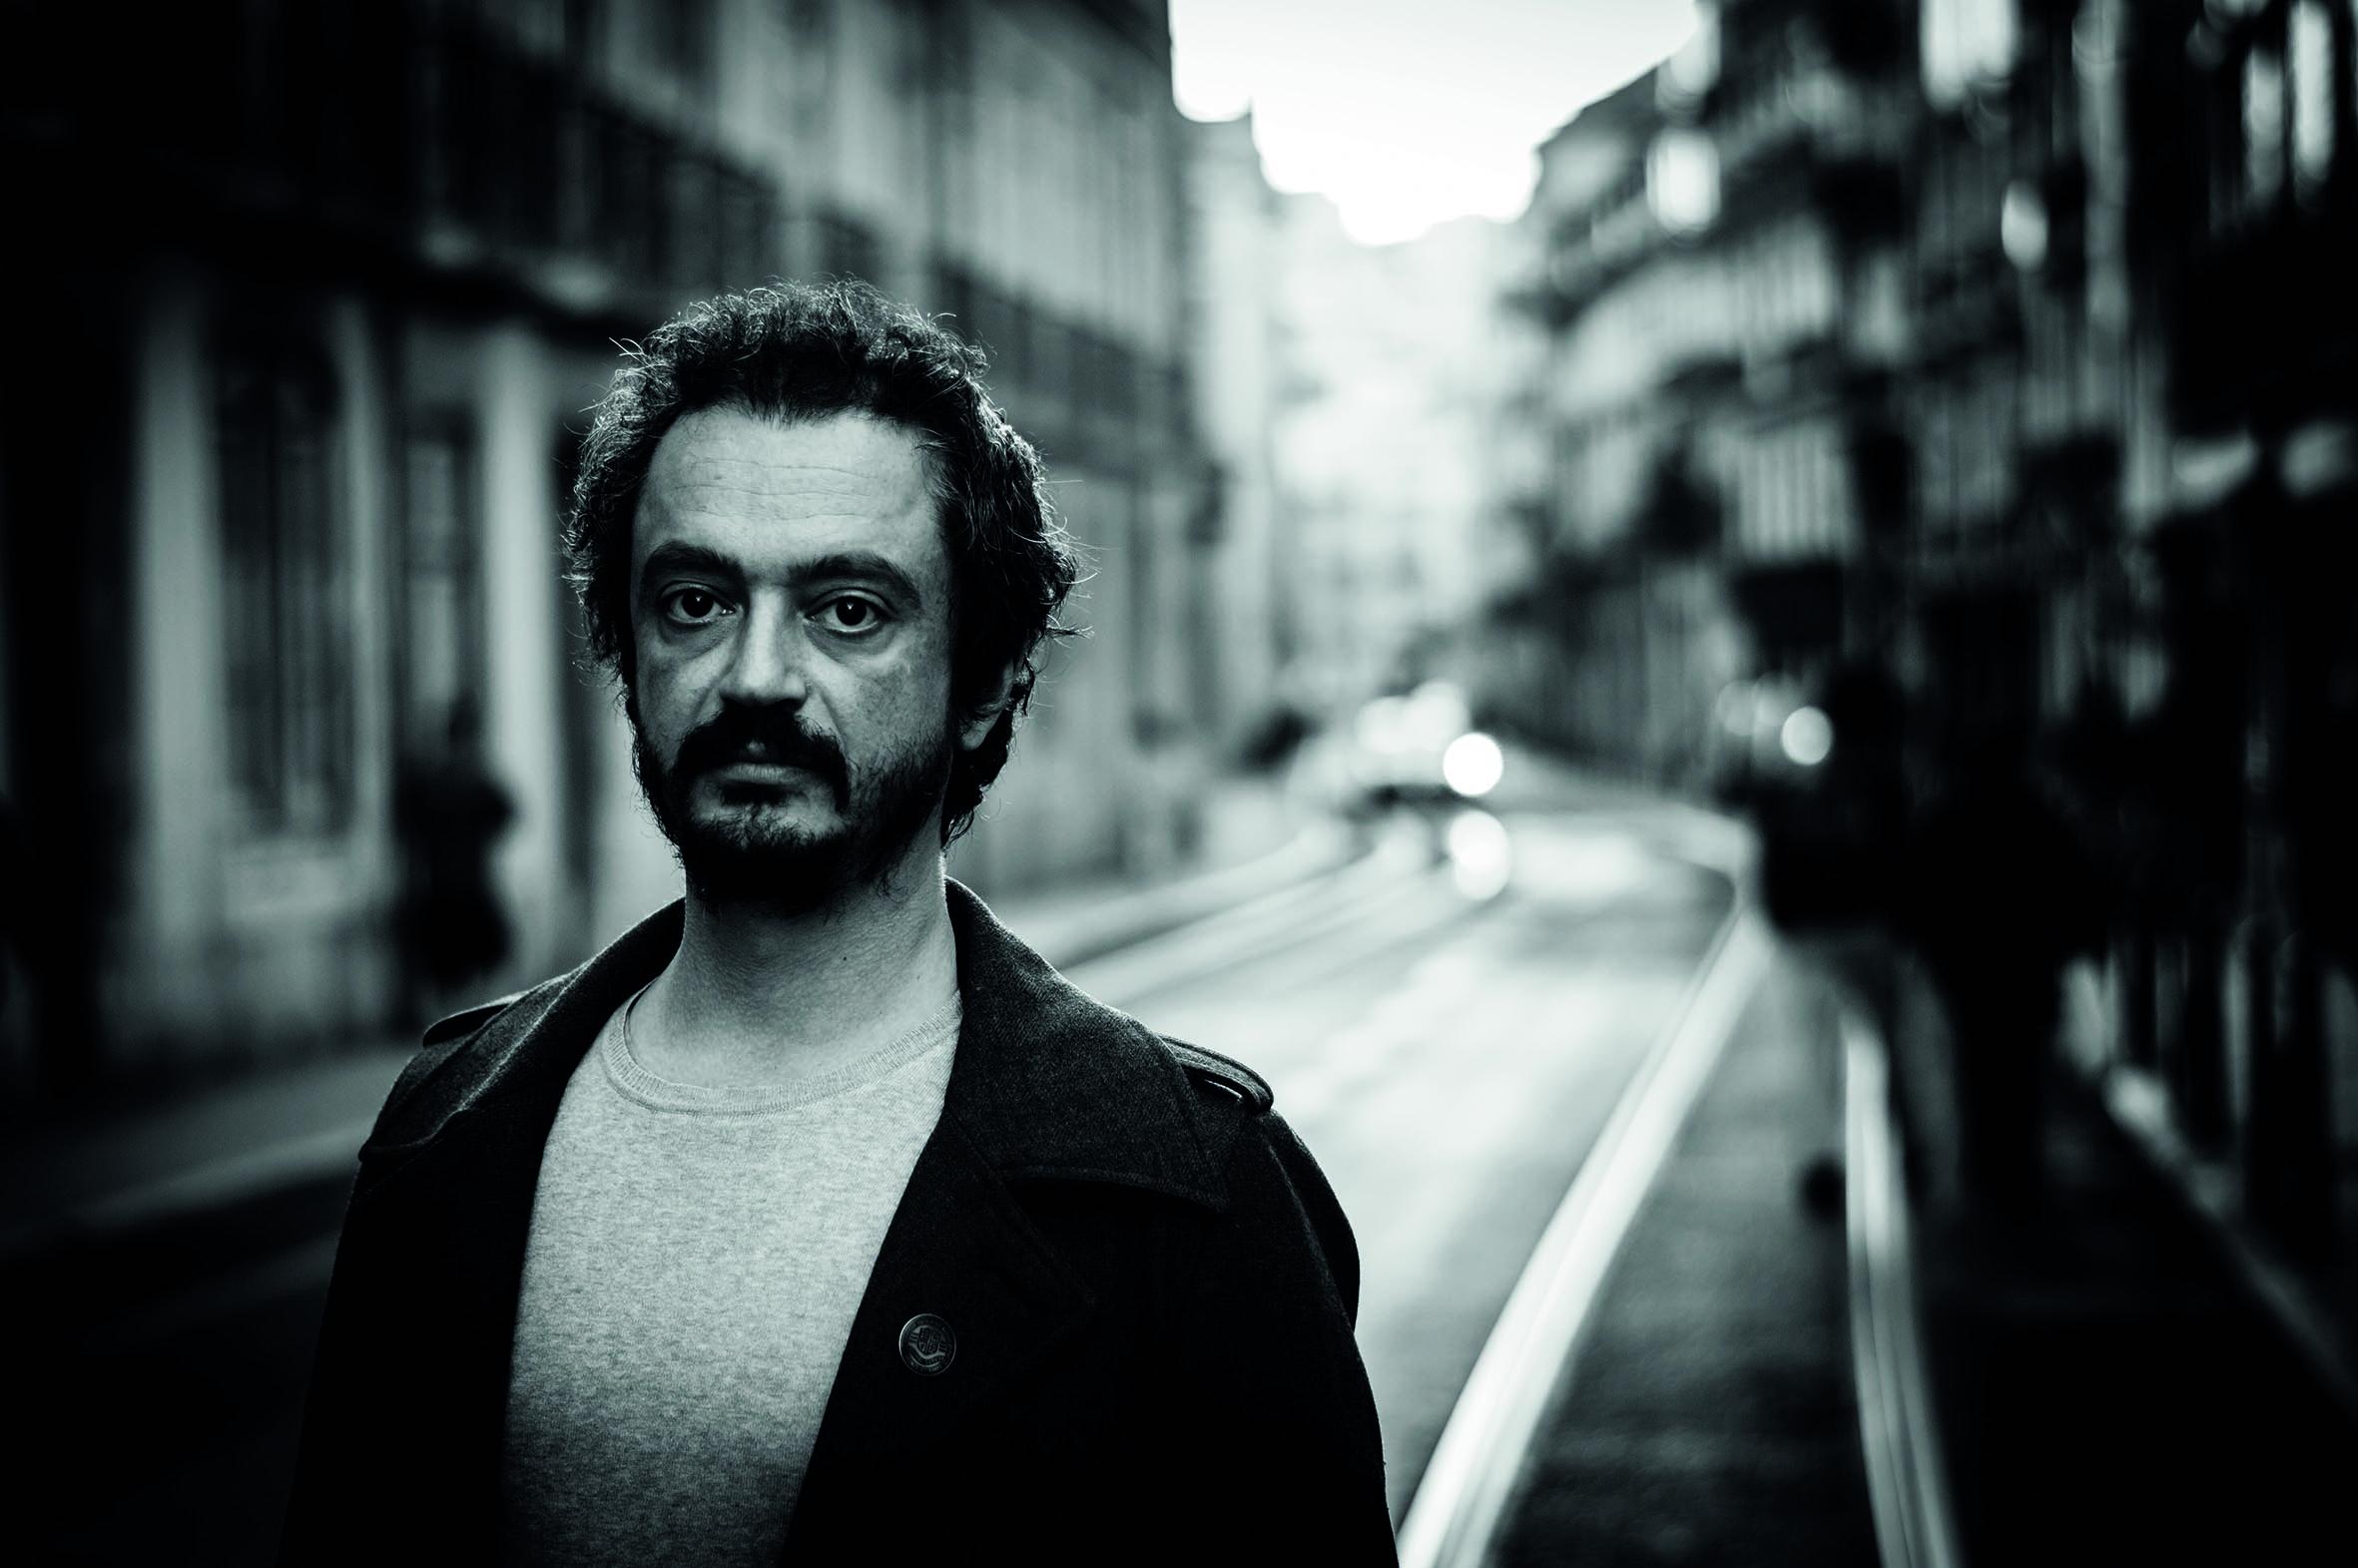 Tertúlia : rencontre avec l'écrivain portugais Valério Romão